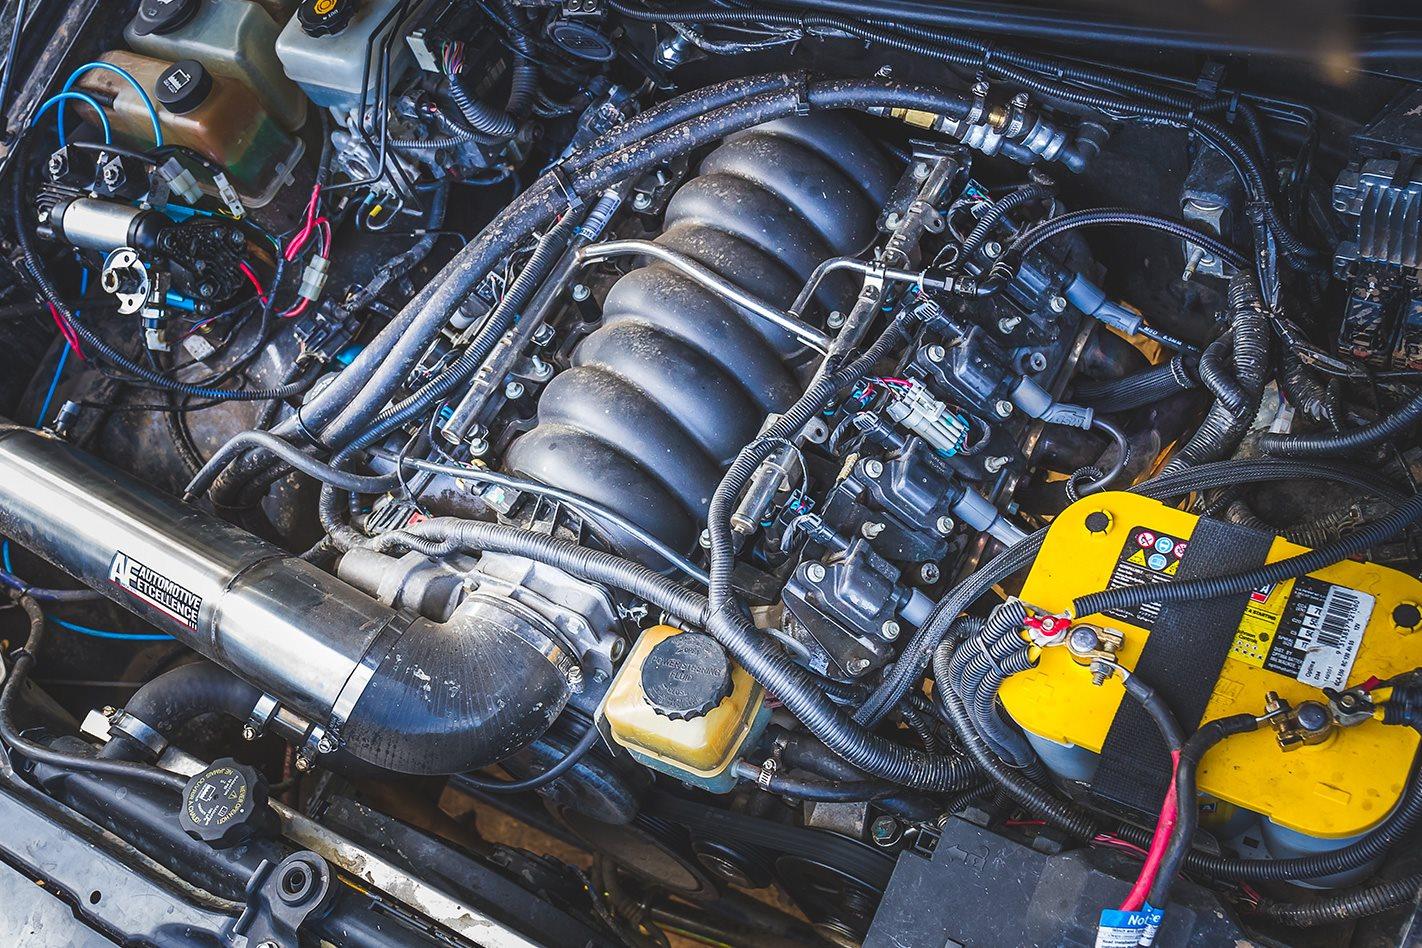 H3 HUmmer engine